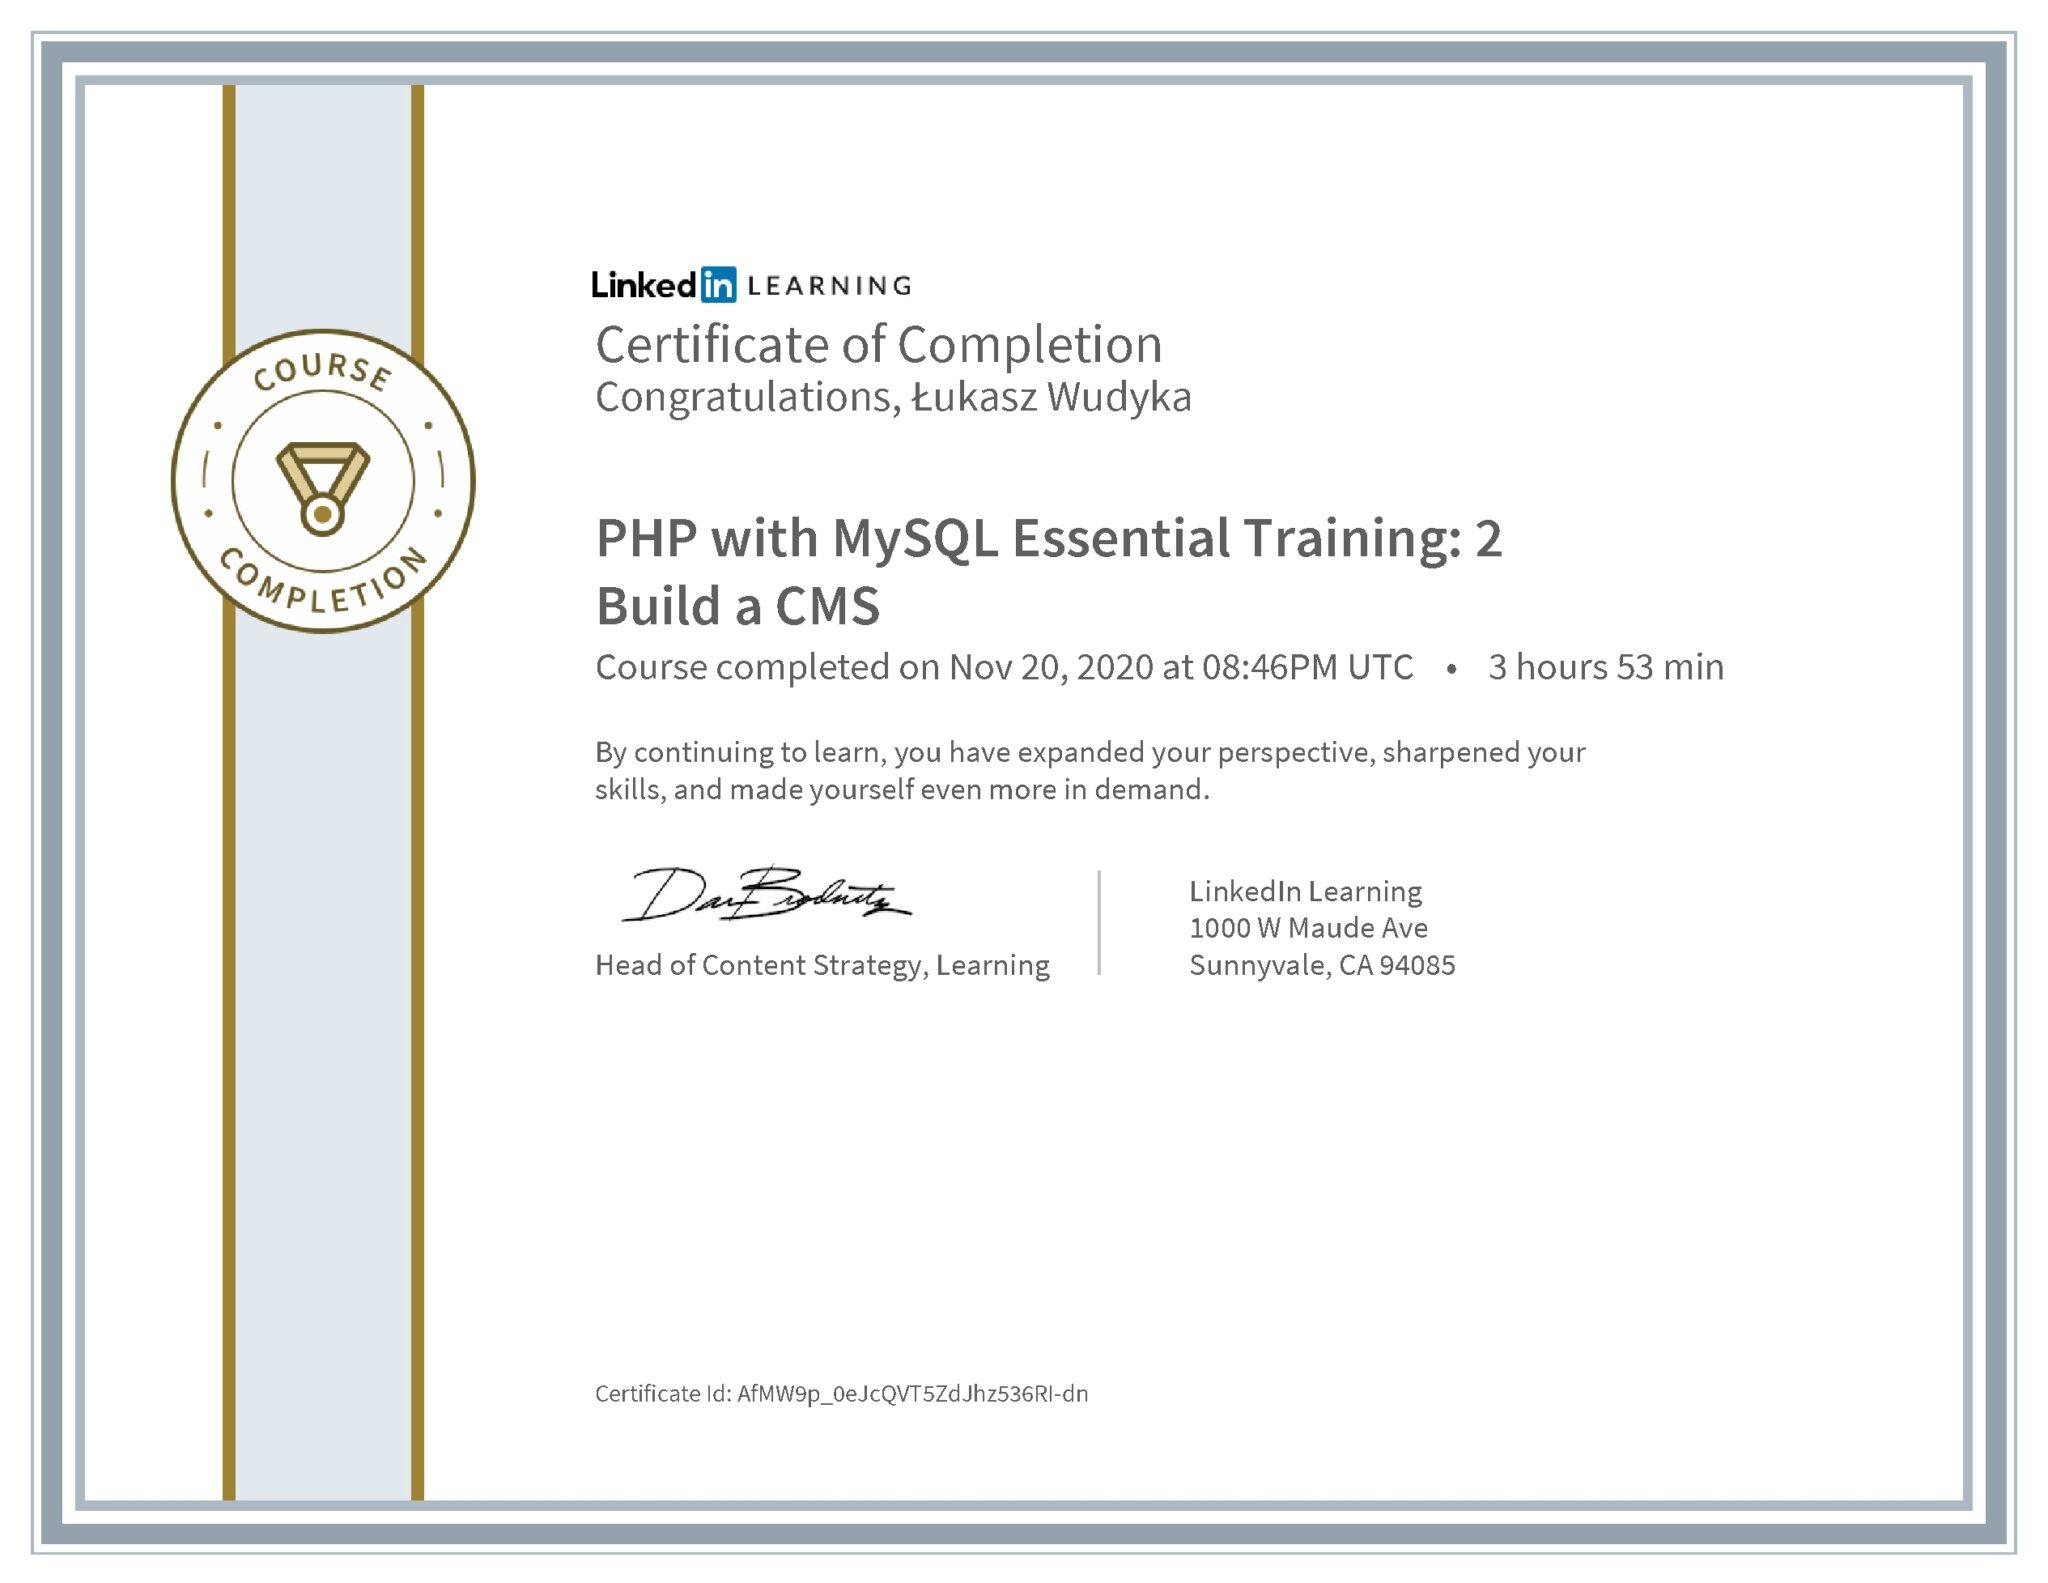 Łukasz Wudyka certyfikat LinkedIn PHP with MySQL Essential Training: 2 Build a CMS